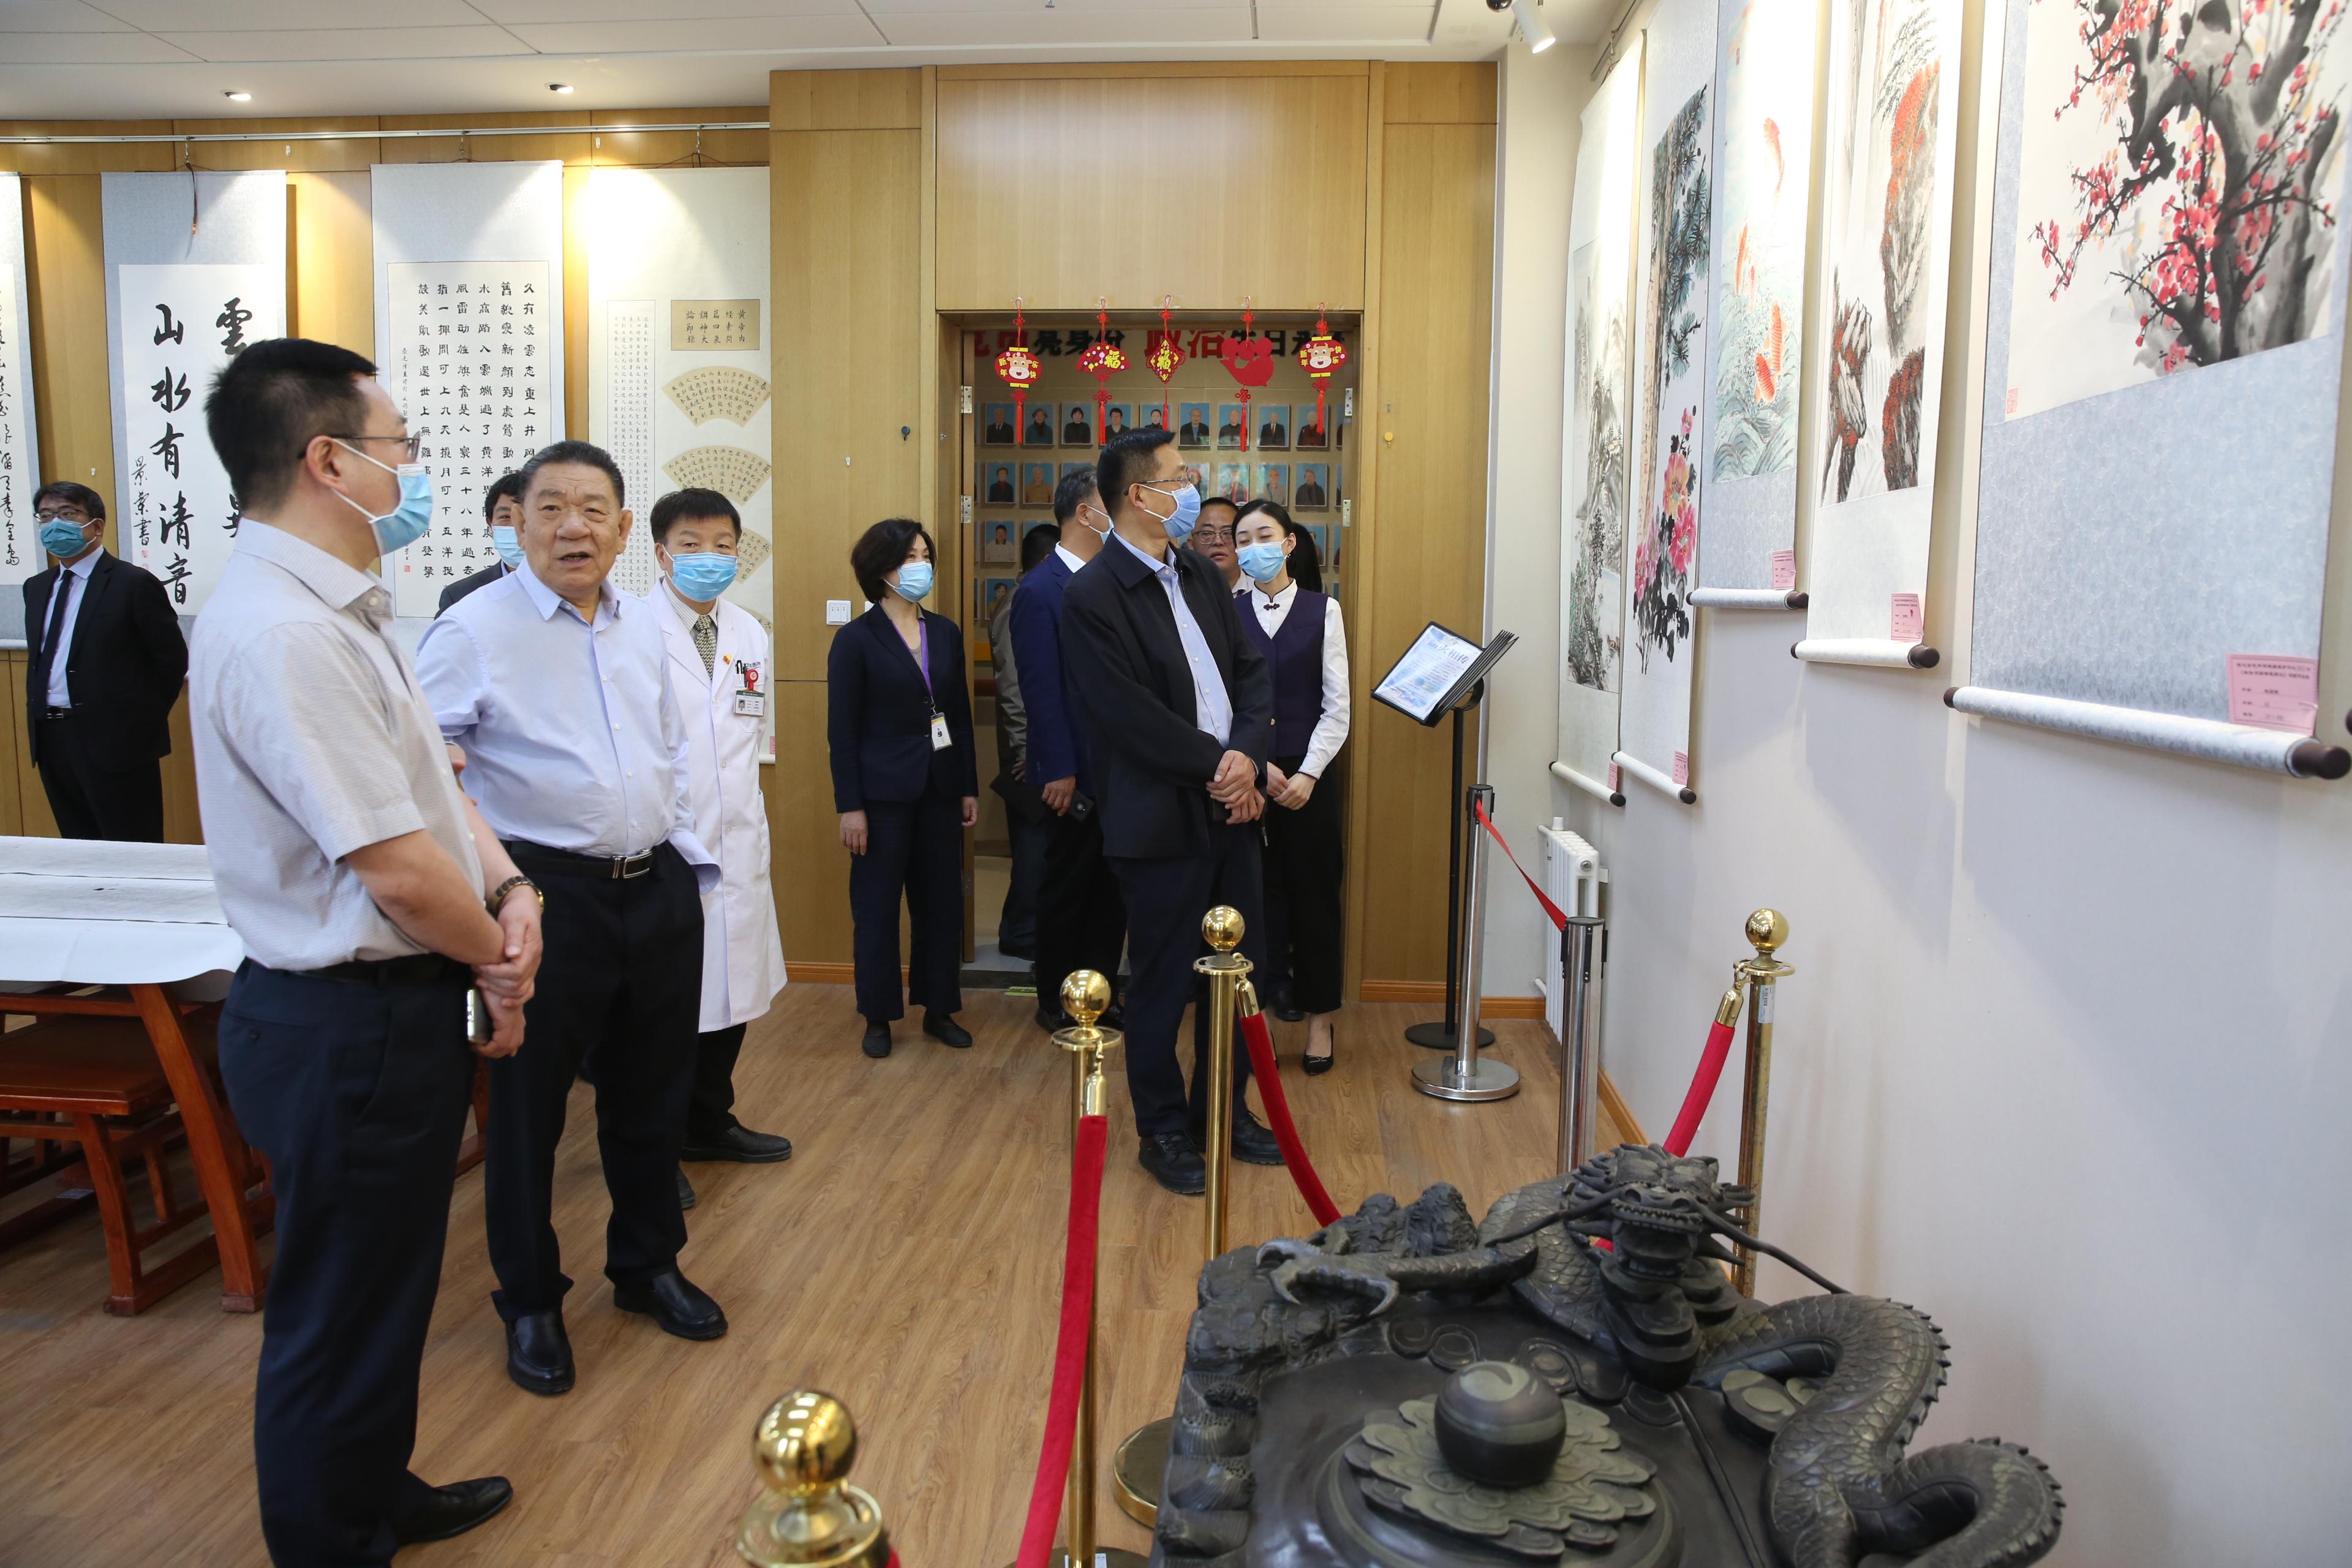 凝聚共识谋新篇 接续奋斗再出发 河北燕达医院与北京朝阳医院合作迎来七周年